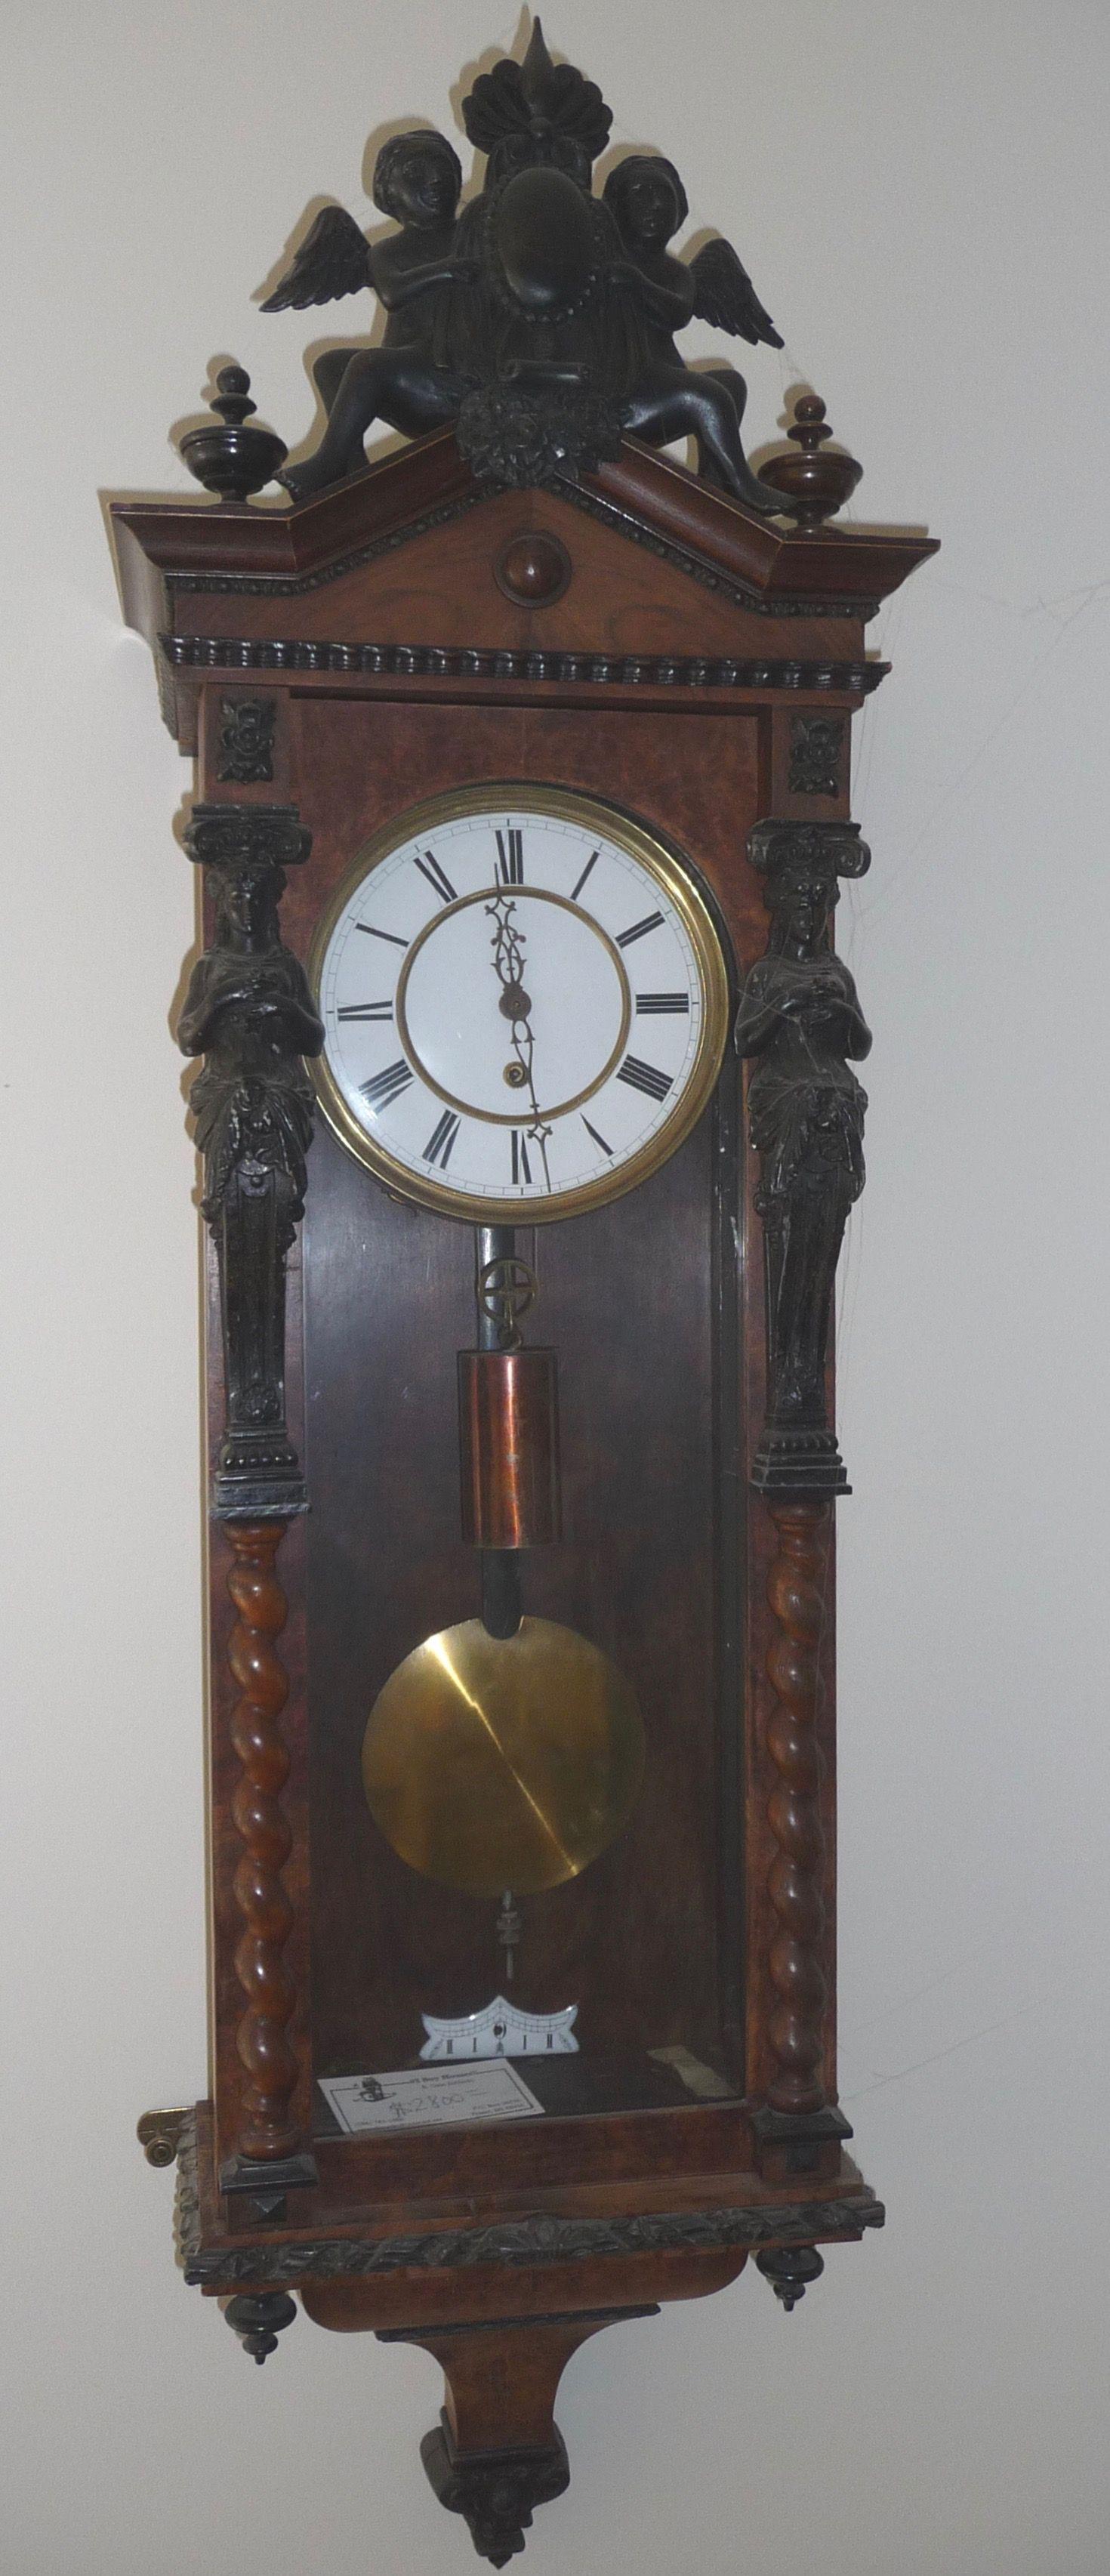 Lenzkirch 1 weight regulator wall clock at antique clock lenzkirch 1 weight regulator wall clock at antique clock amipublicfo Images